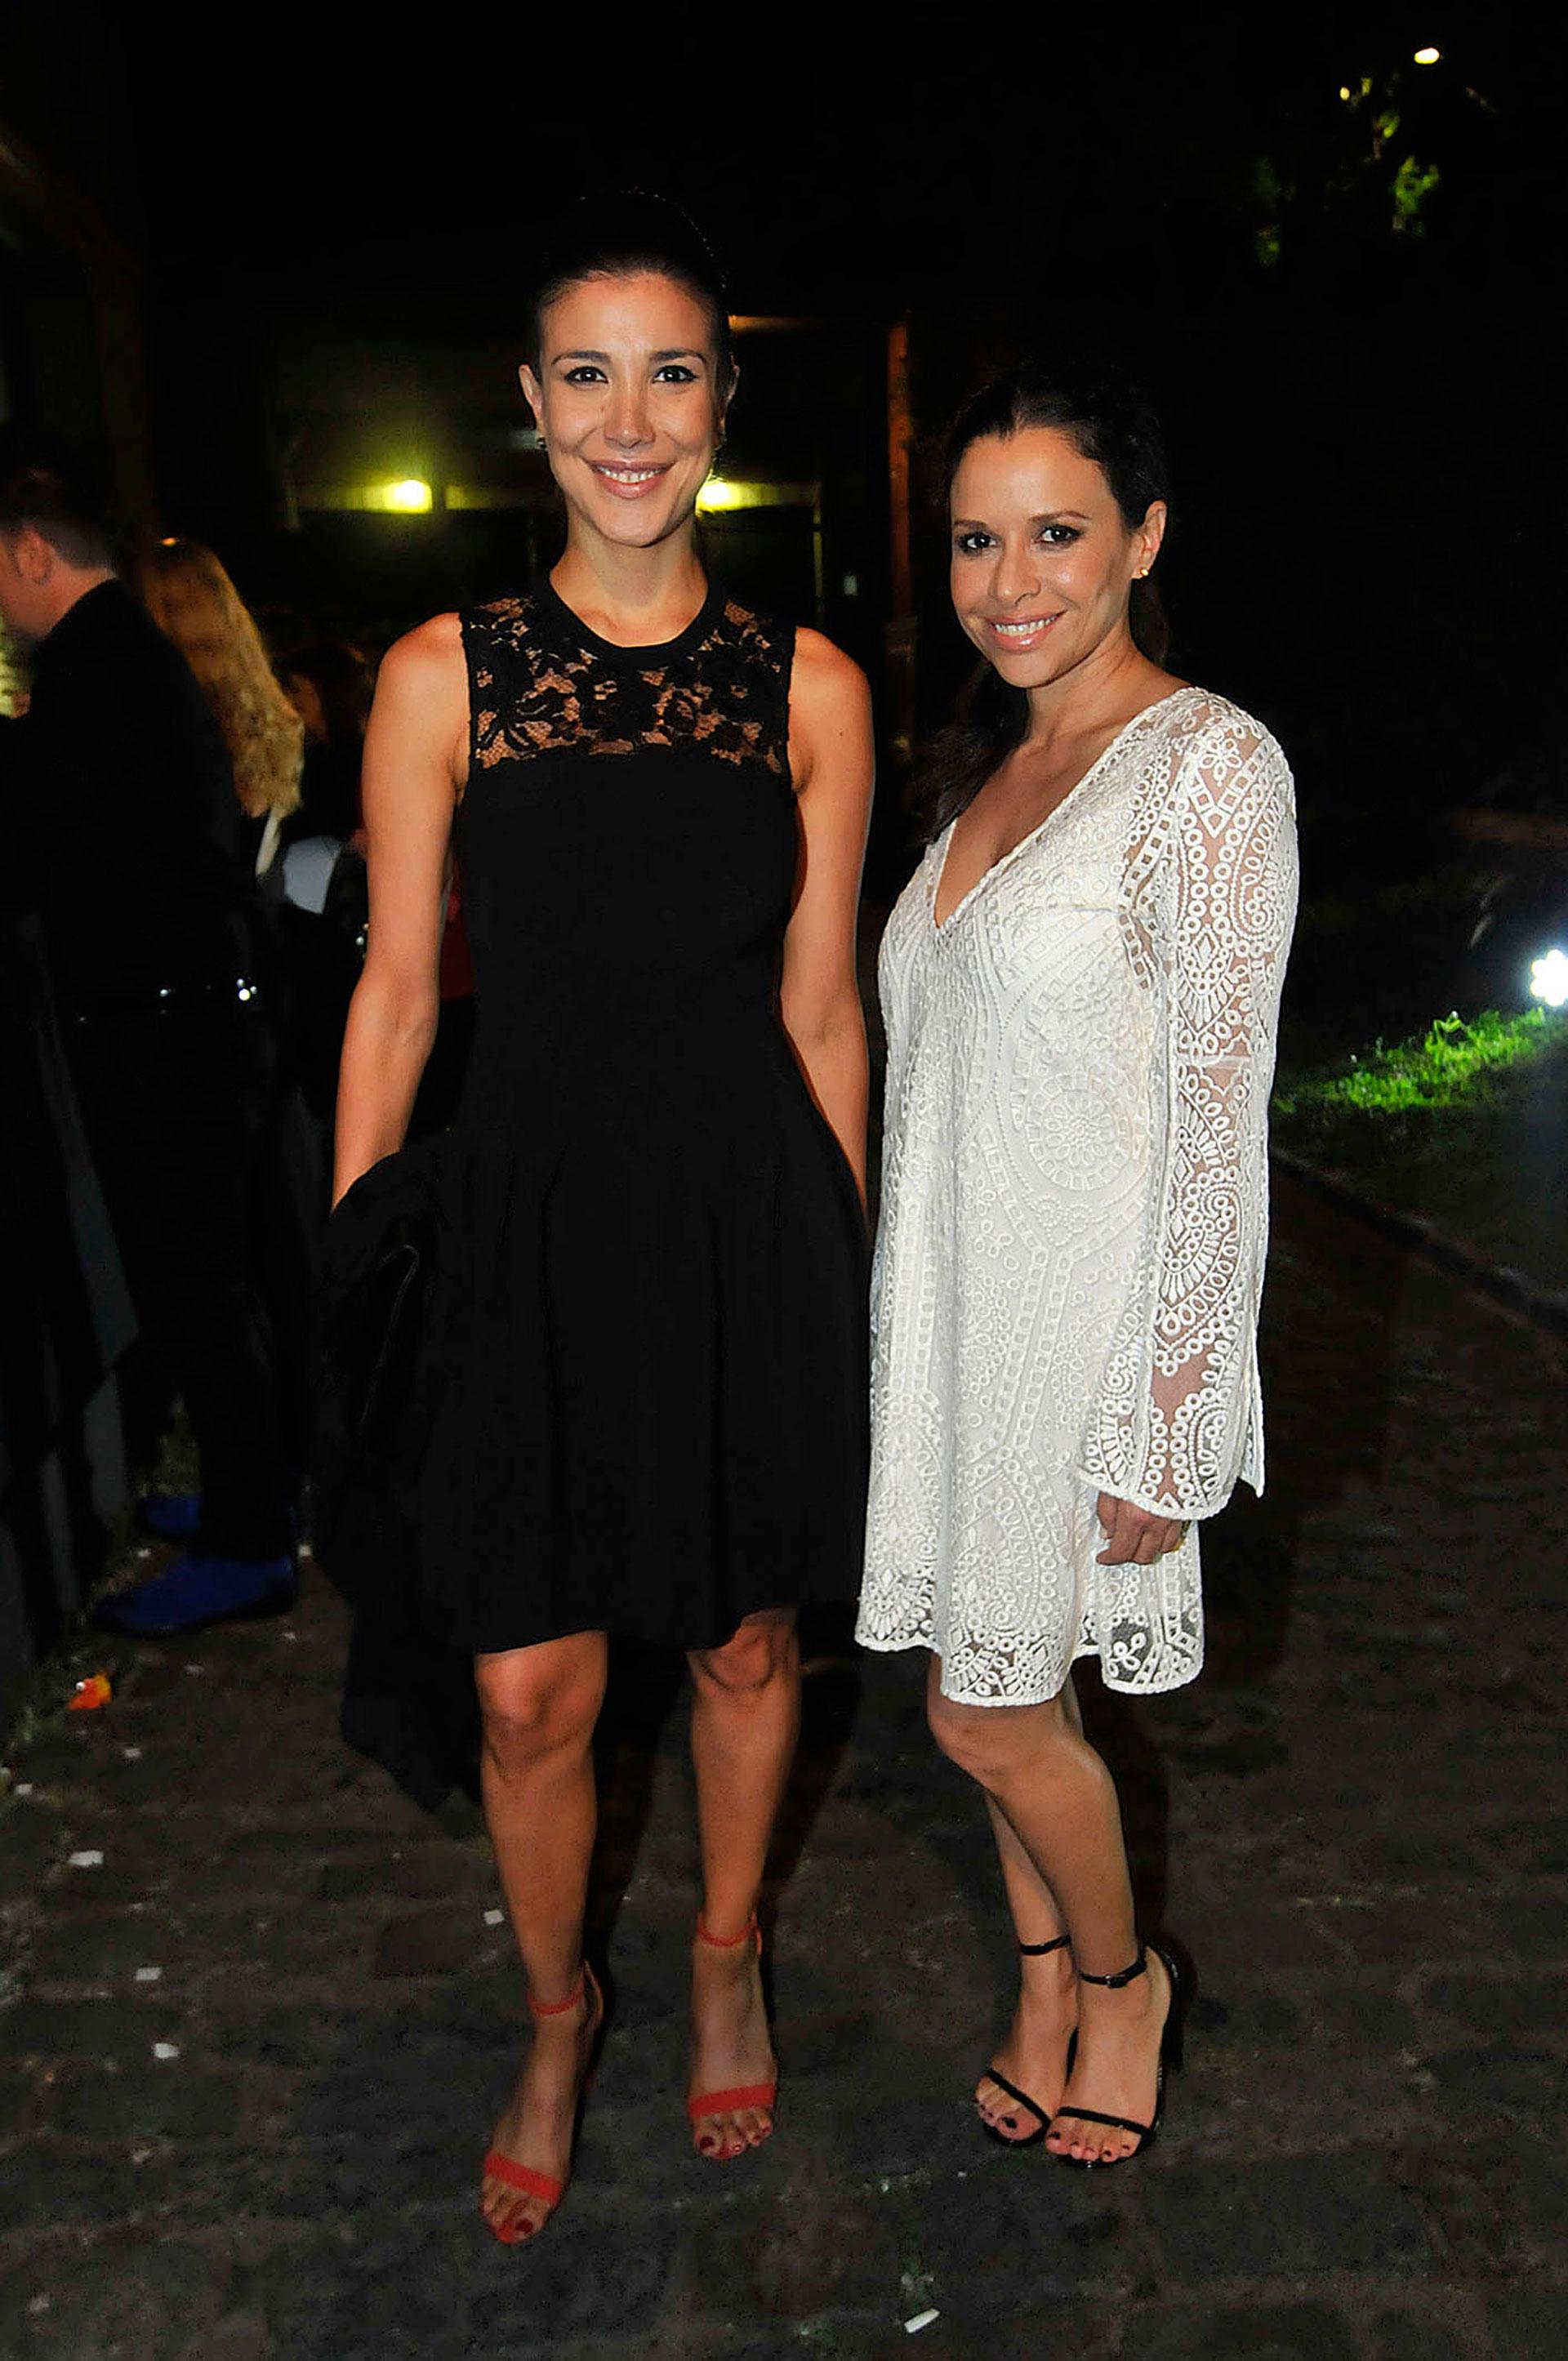 Andrea Rincón y Julieta Ortega